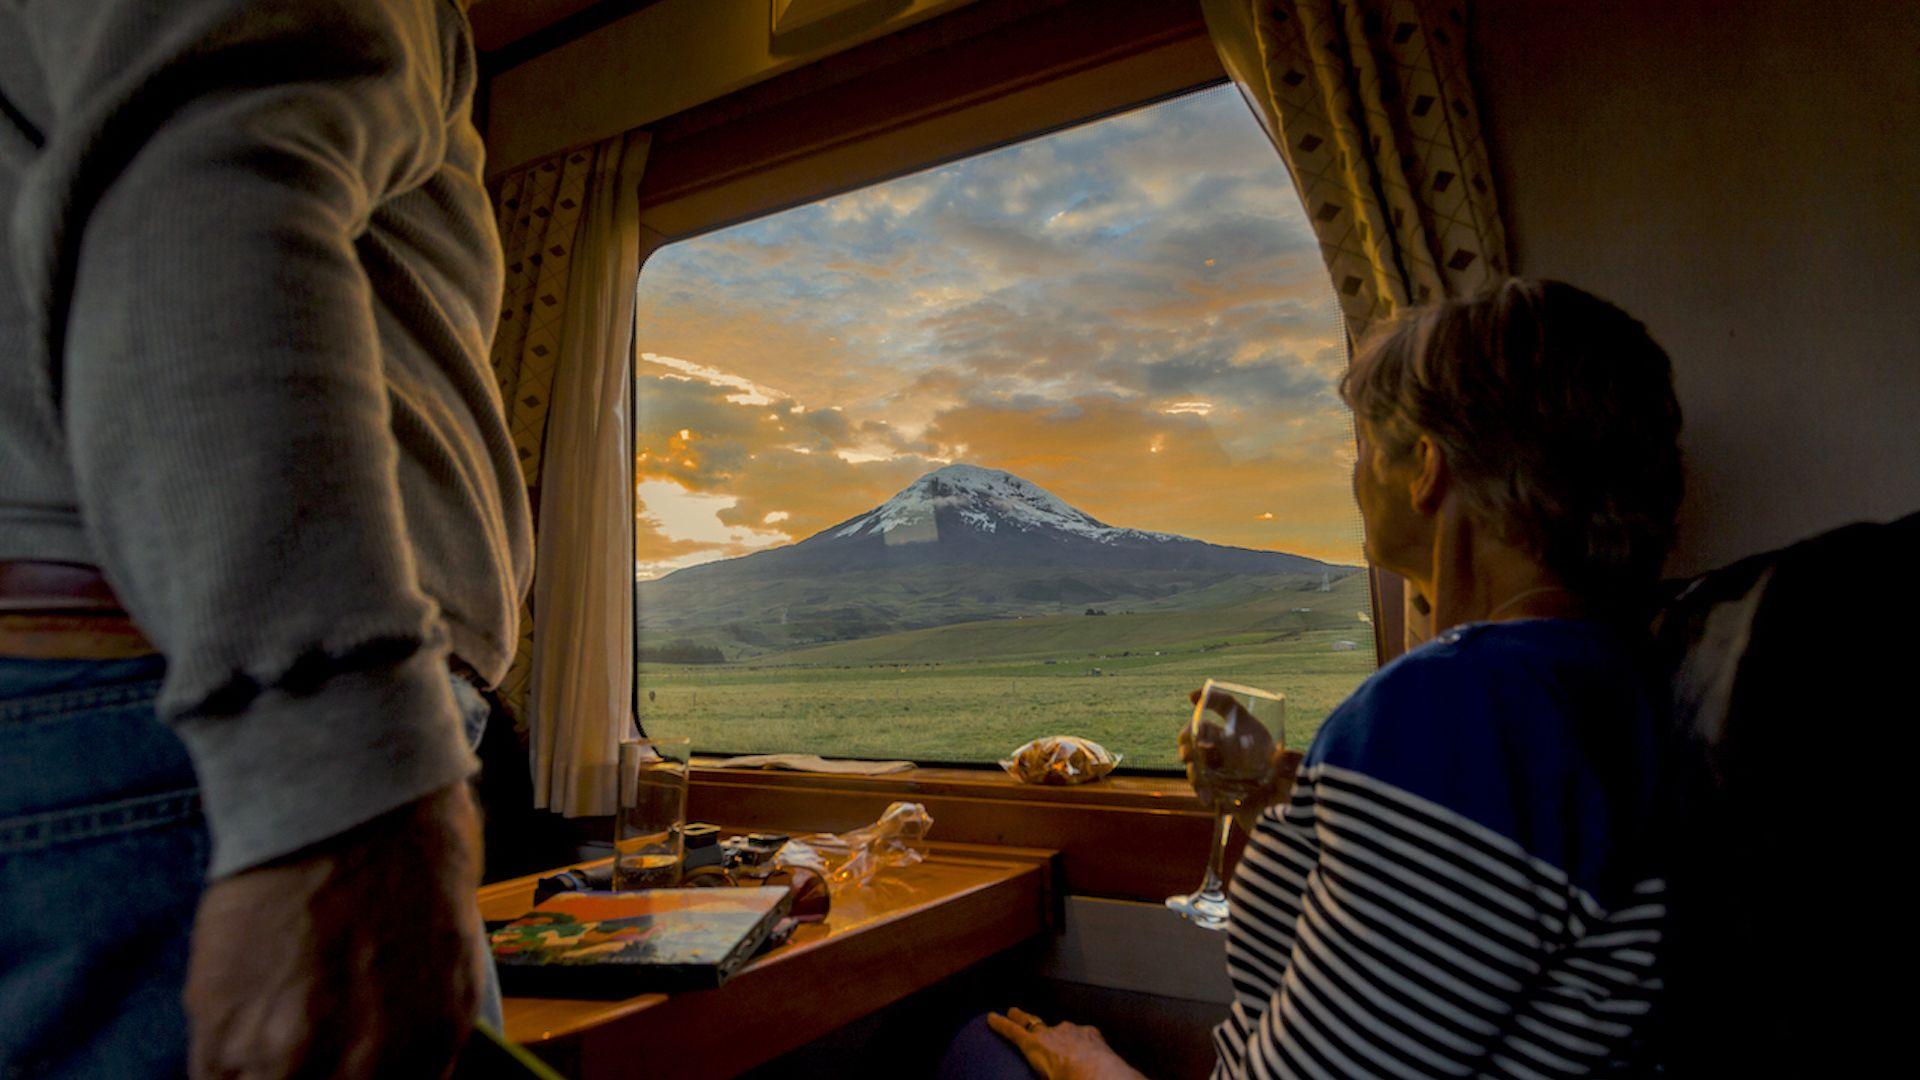 Este es el tren de las maravillas que atraviesa los volcanes de Ecuador